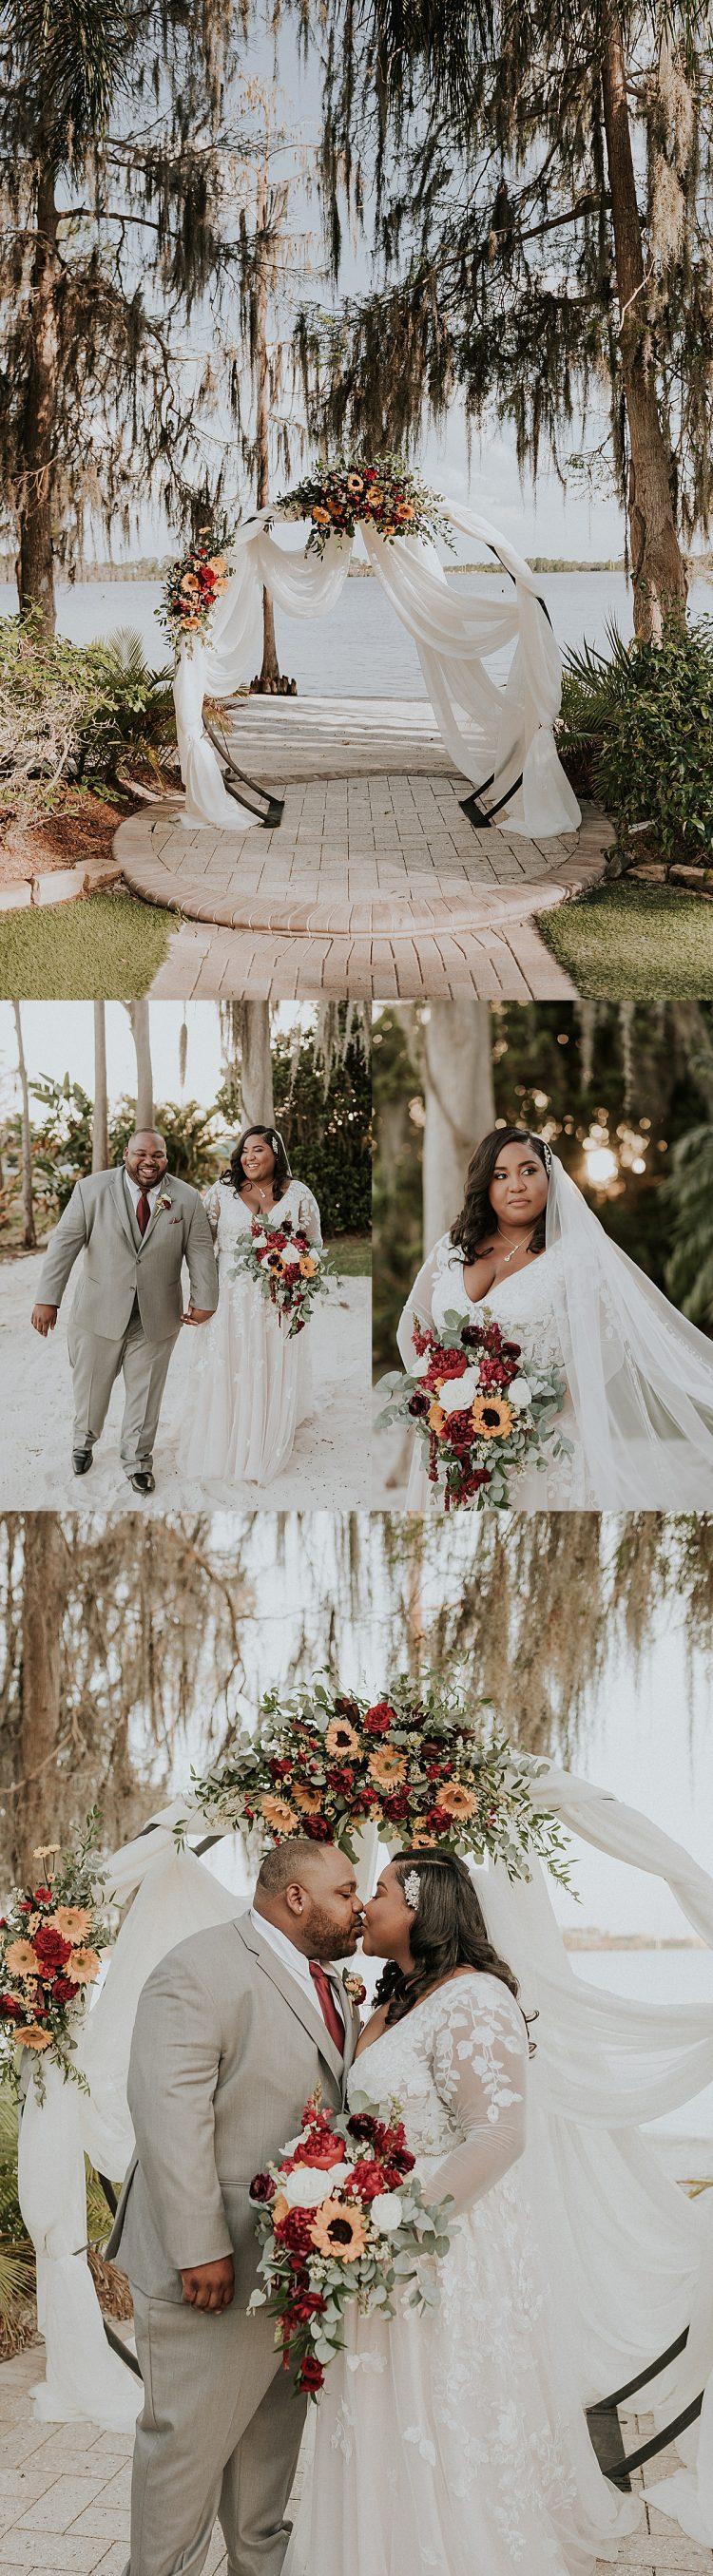 Orlando Wedding Venues - PC2